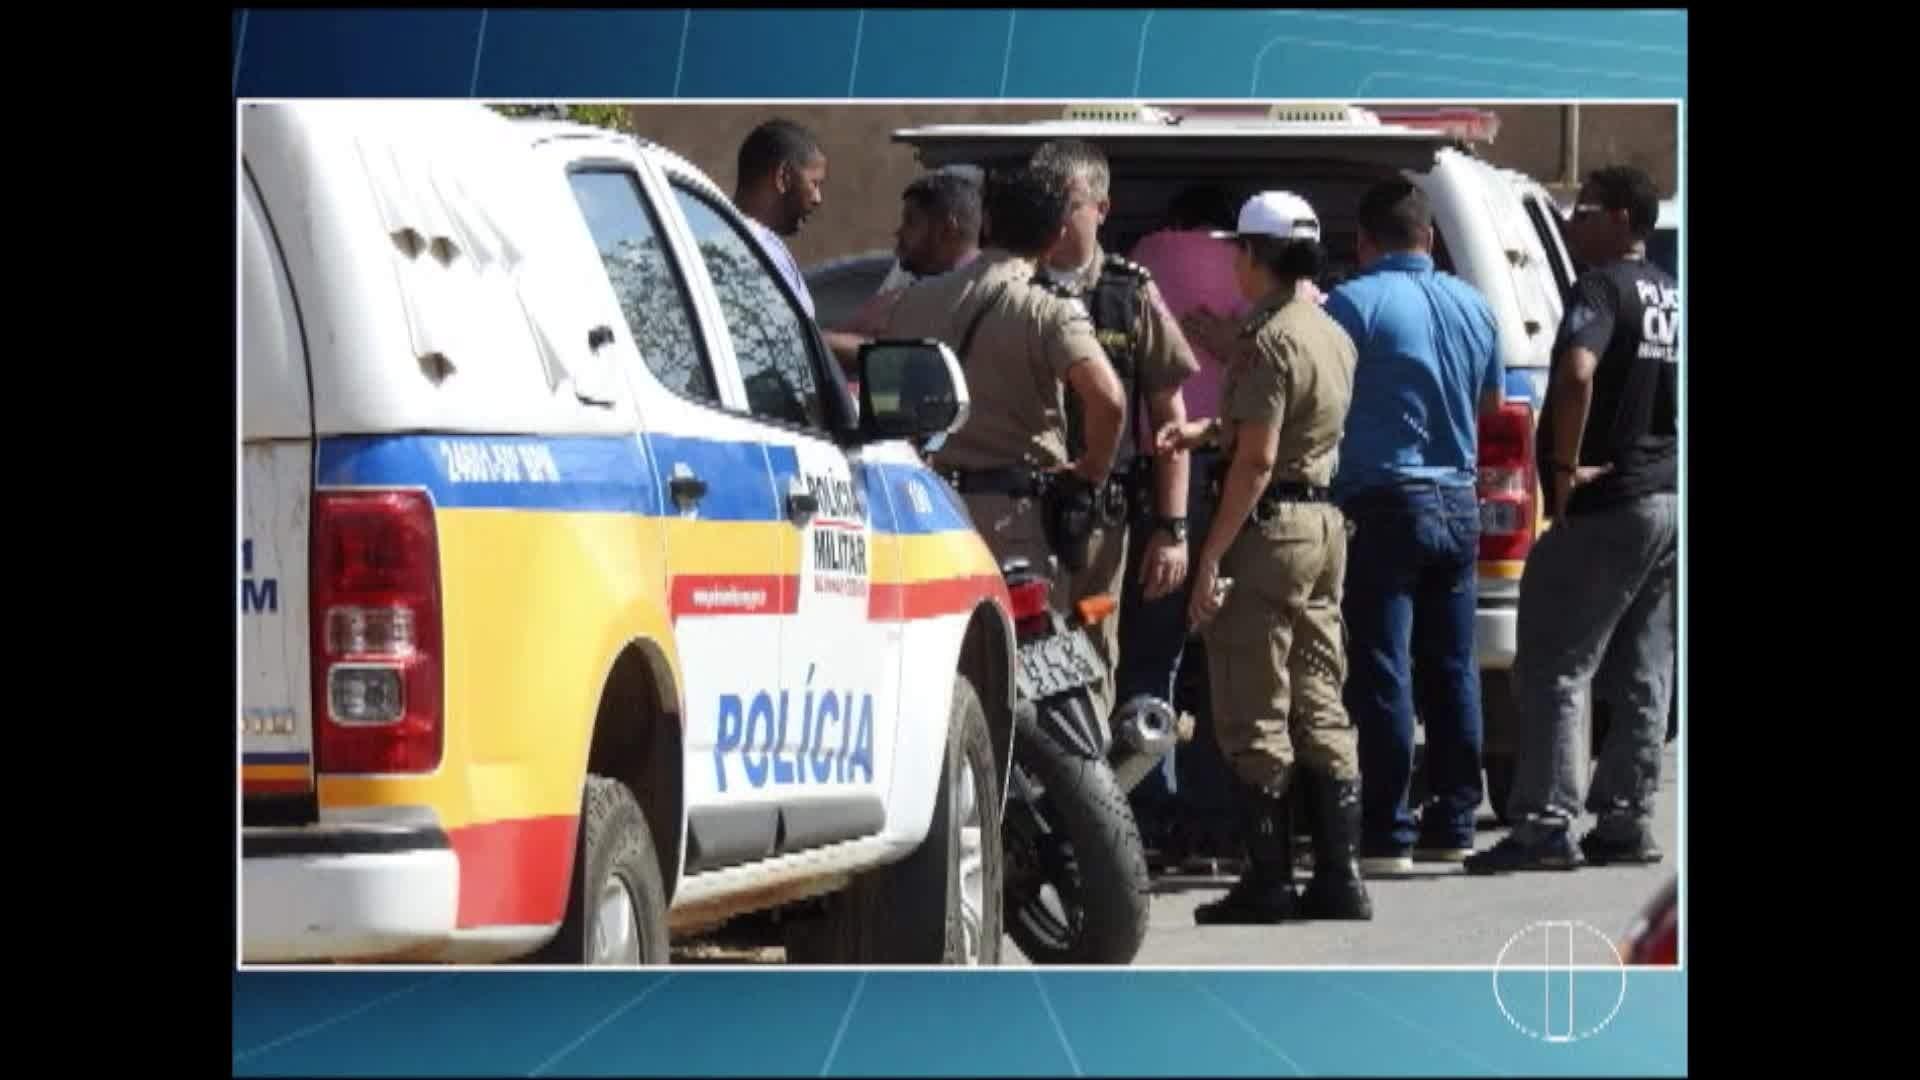 Homem fica gravemente ferido após ser esfaqueado pelo irmão em Bom Repouso, MG  - Radio Evangelho Gospel